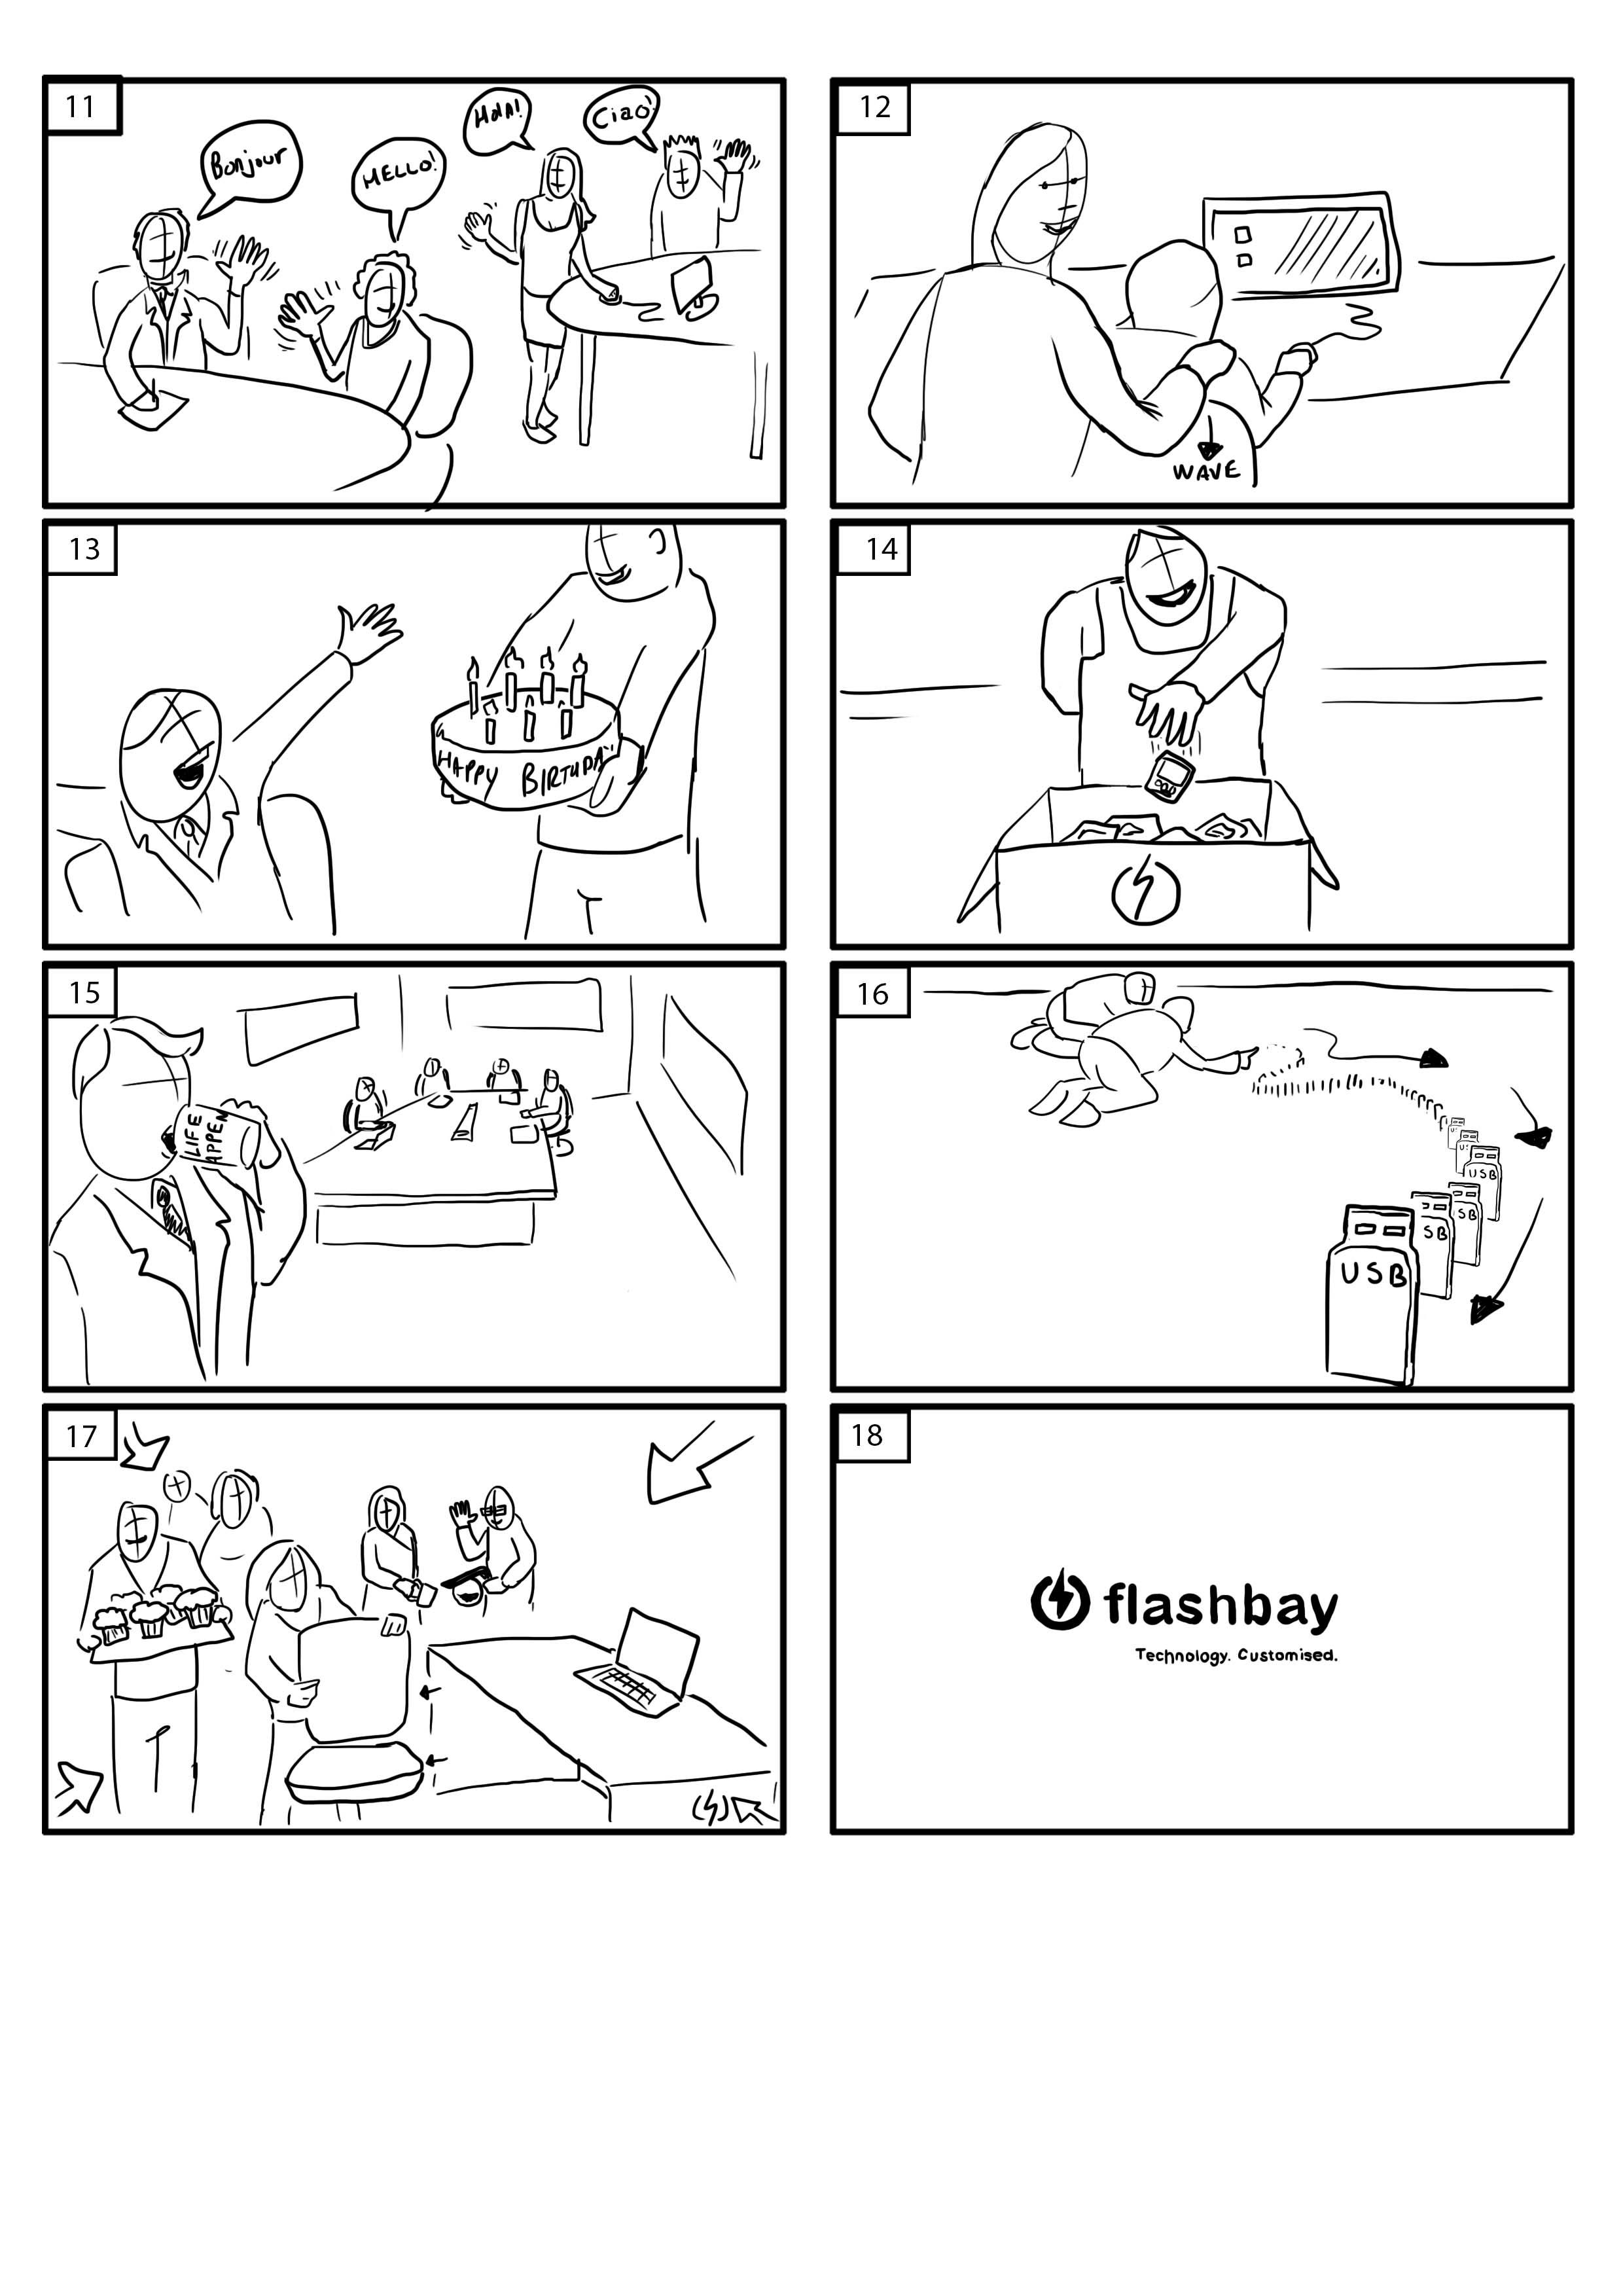 Flashbay storyboard 11-18.jpg